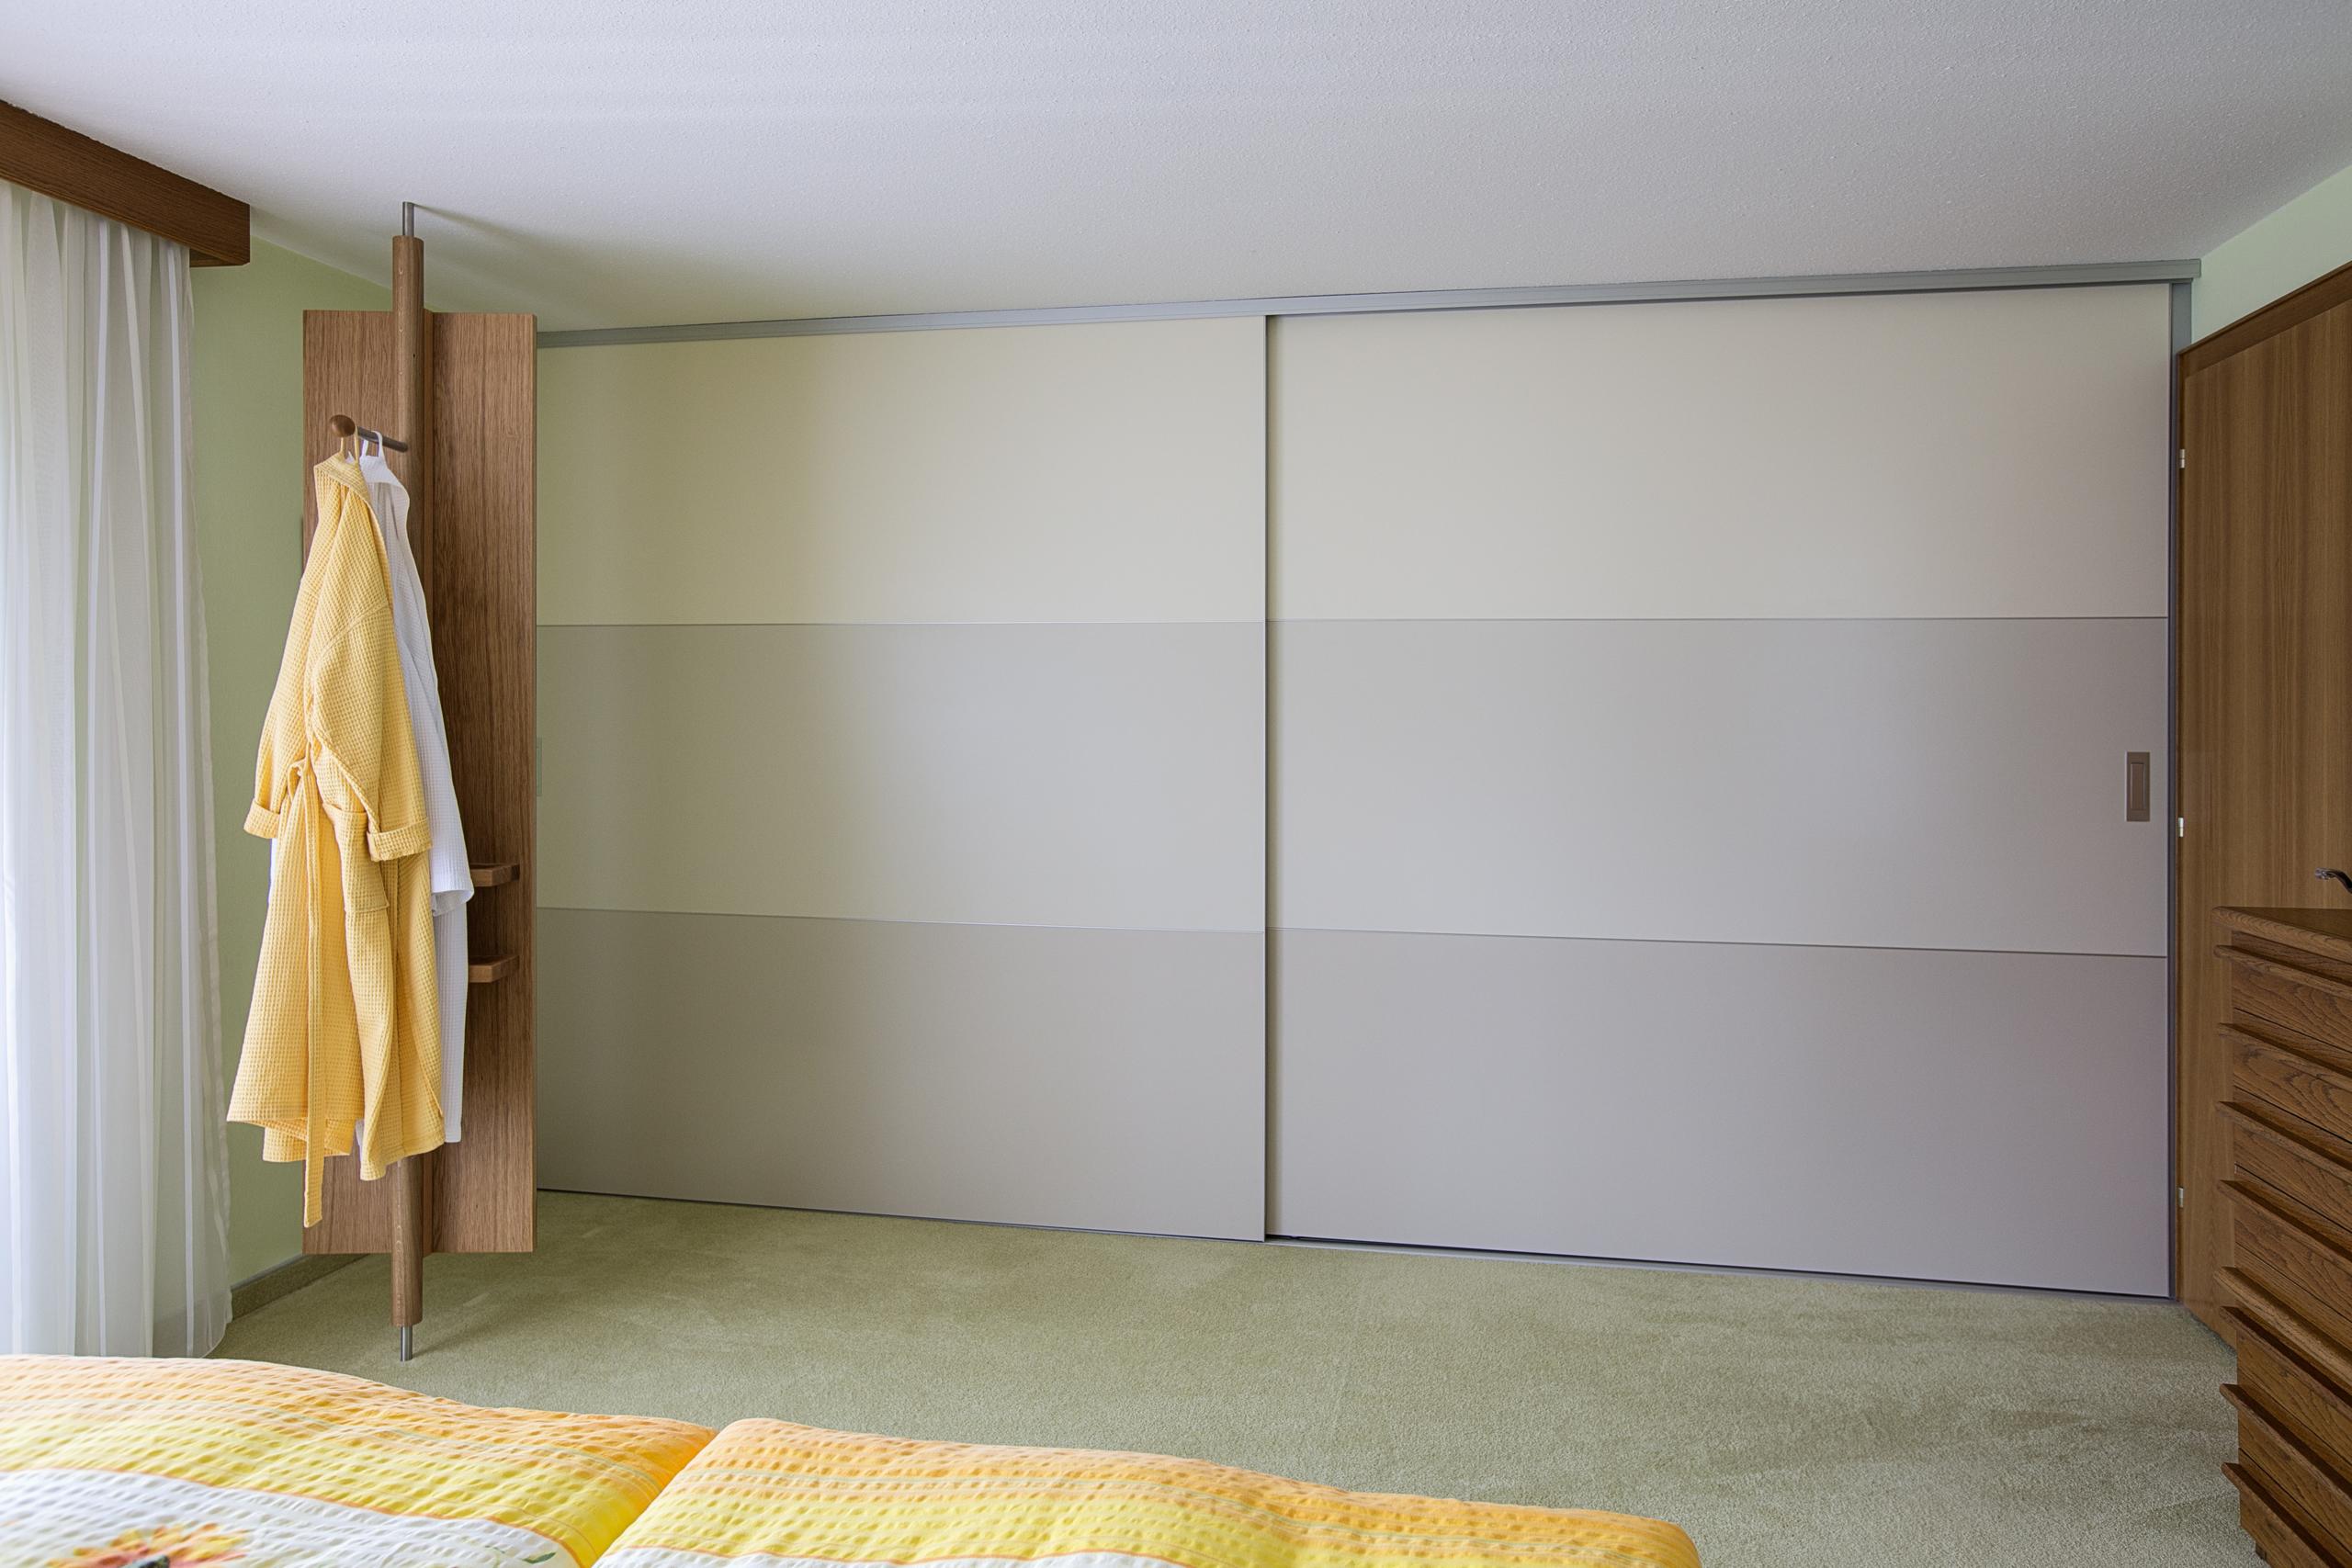 berbreite schiebet ren mit materialwechsel in graut nen auf zu. Black Bedroom Furniture Sets. Home Design Ideas